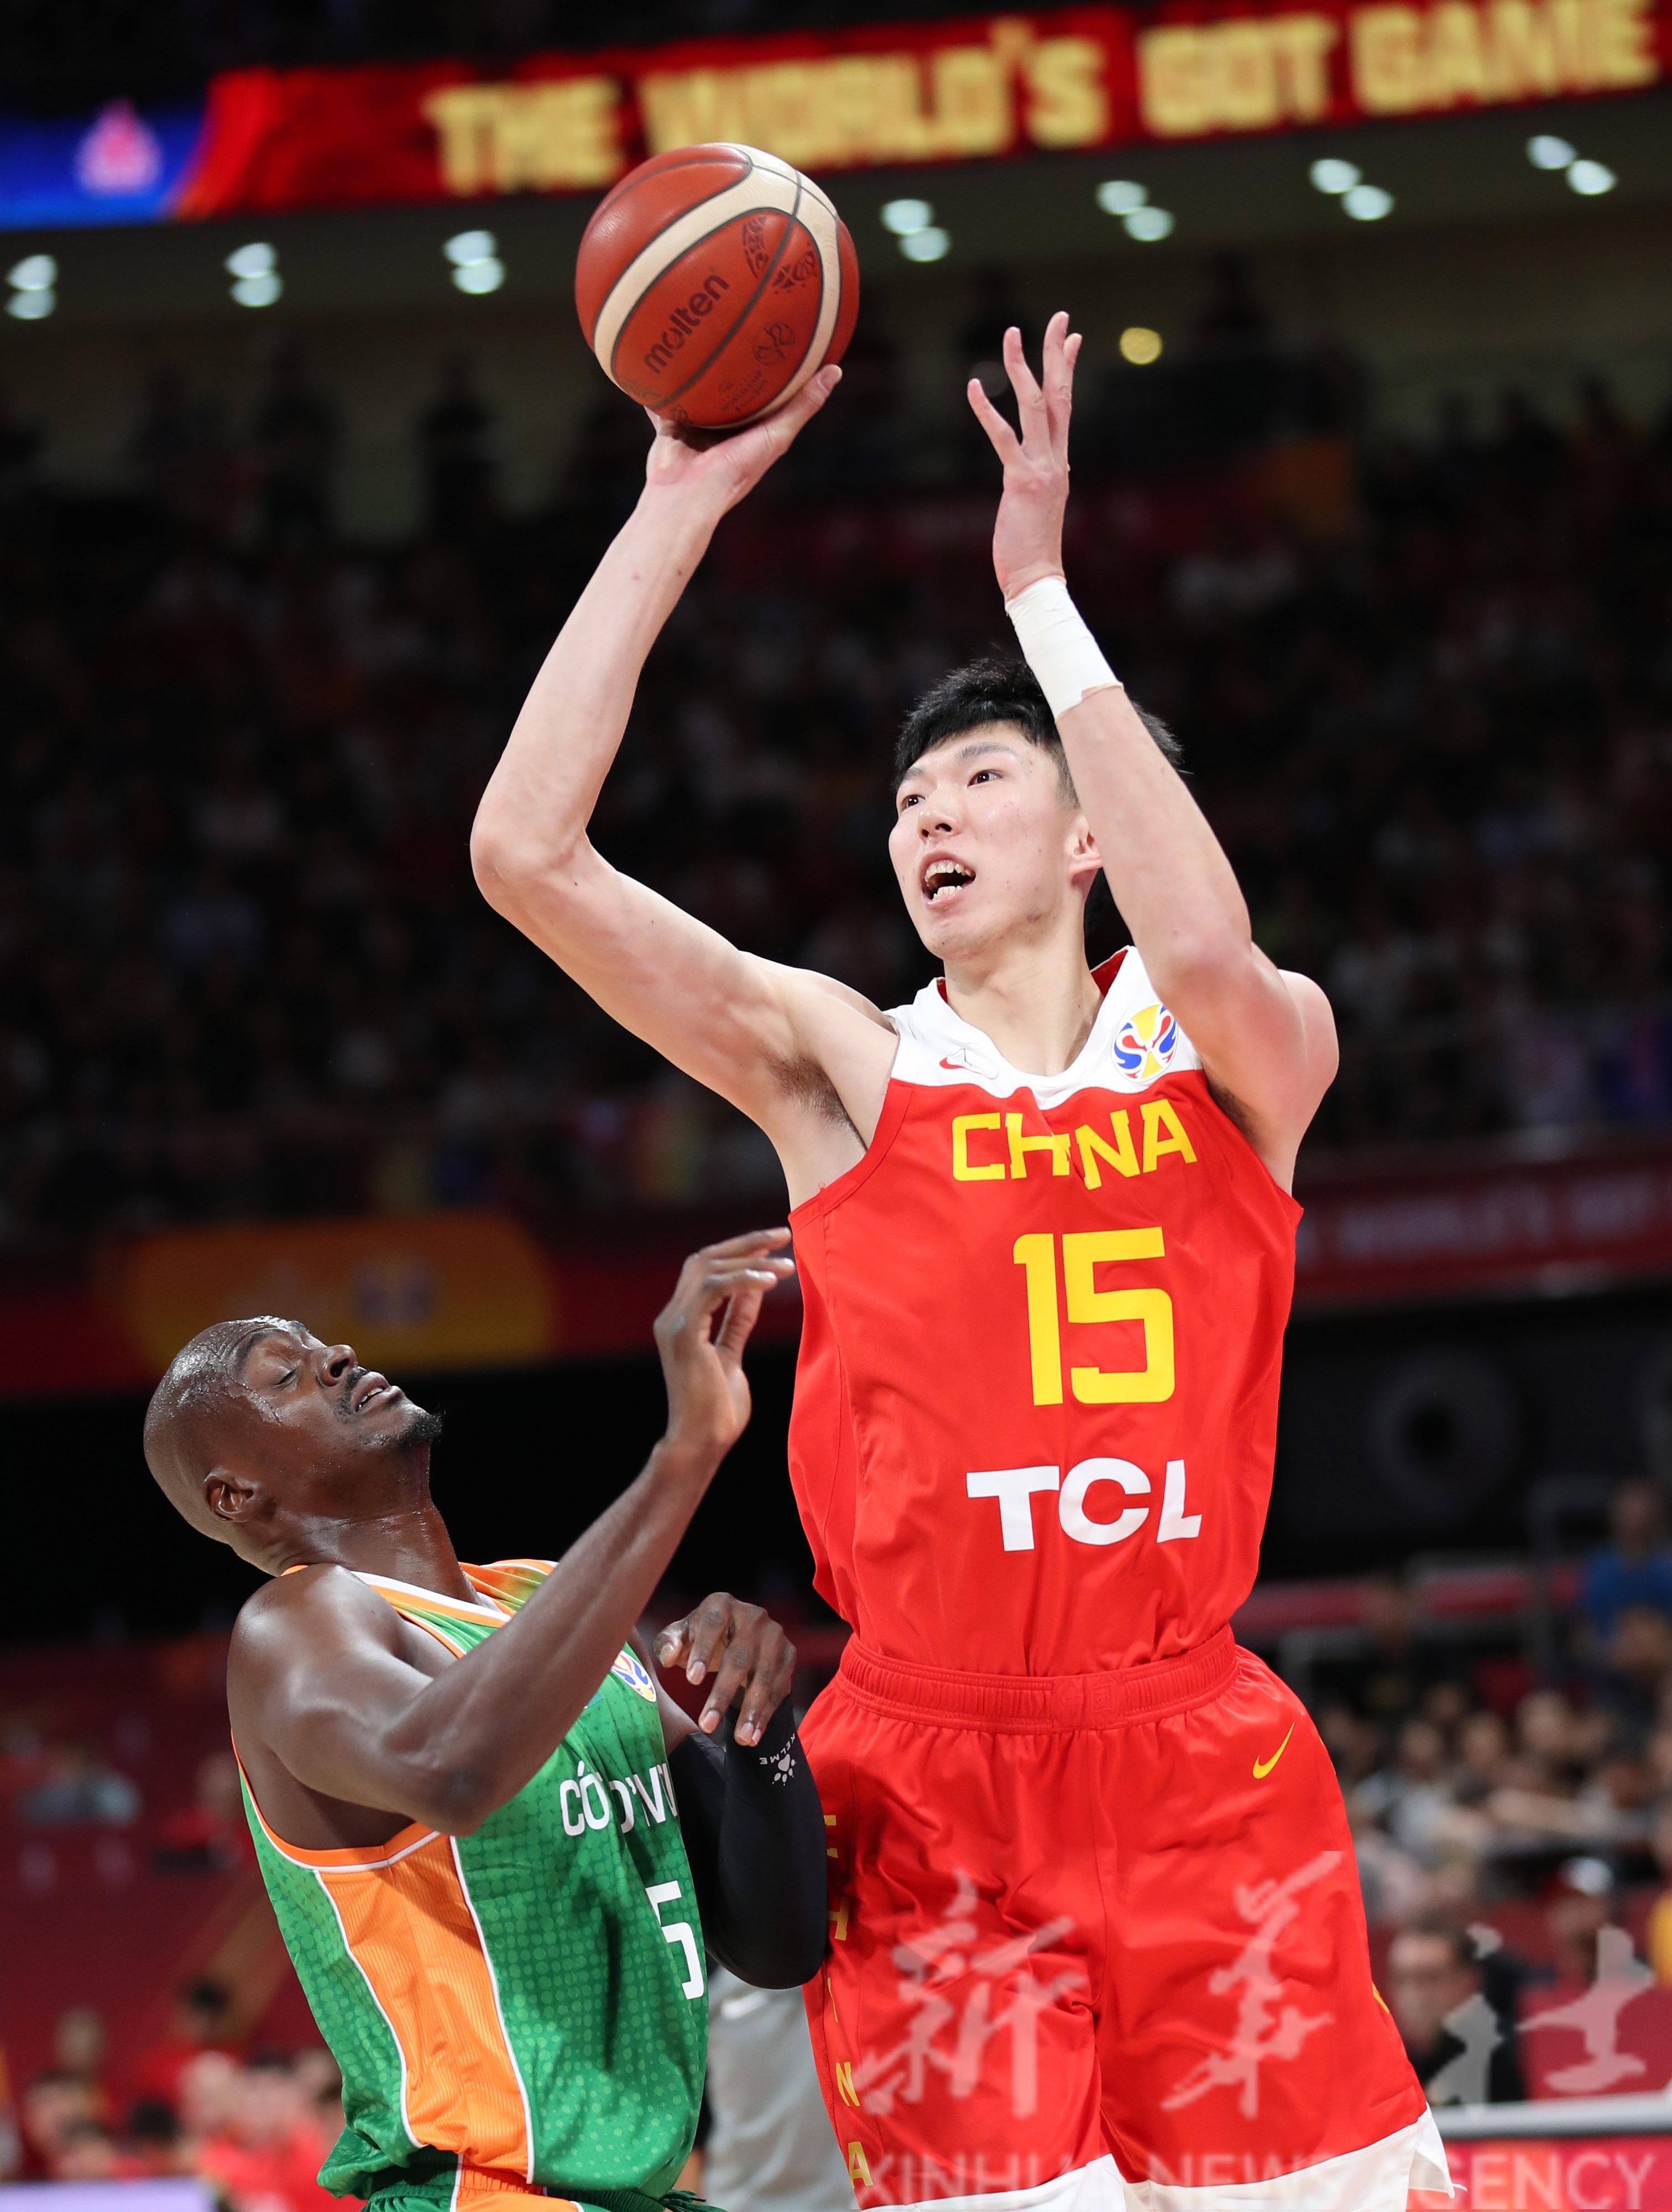 中国篮球_篮球丨世界杯小组赛:中国队对阵科特迪瓦队_比赛